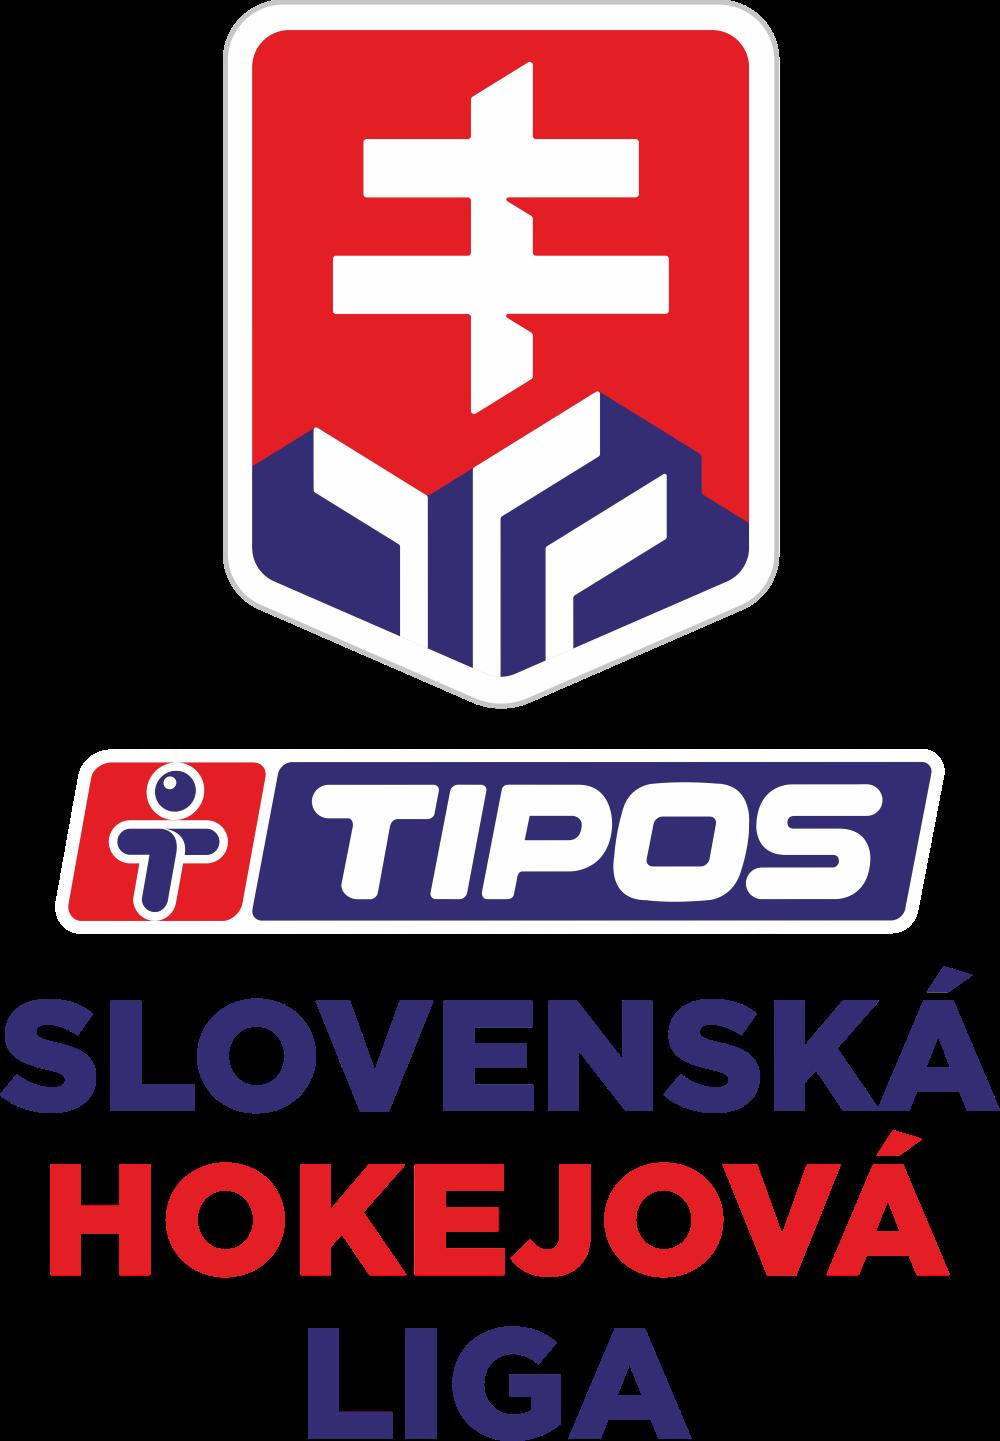 TIPOS Slovenská hokejová liga